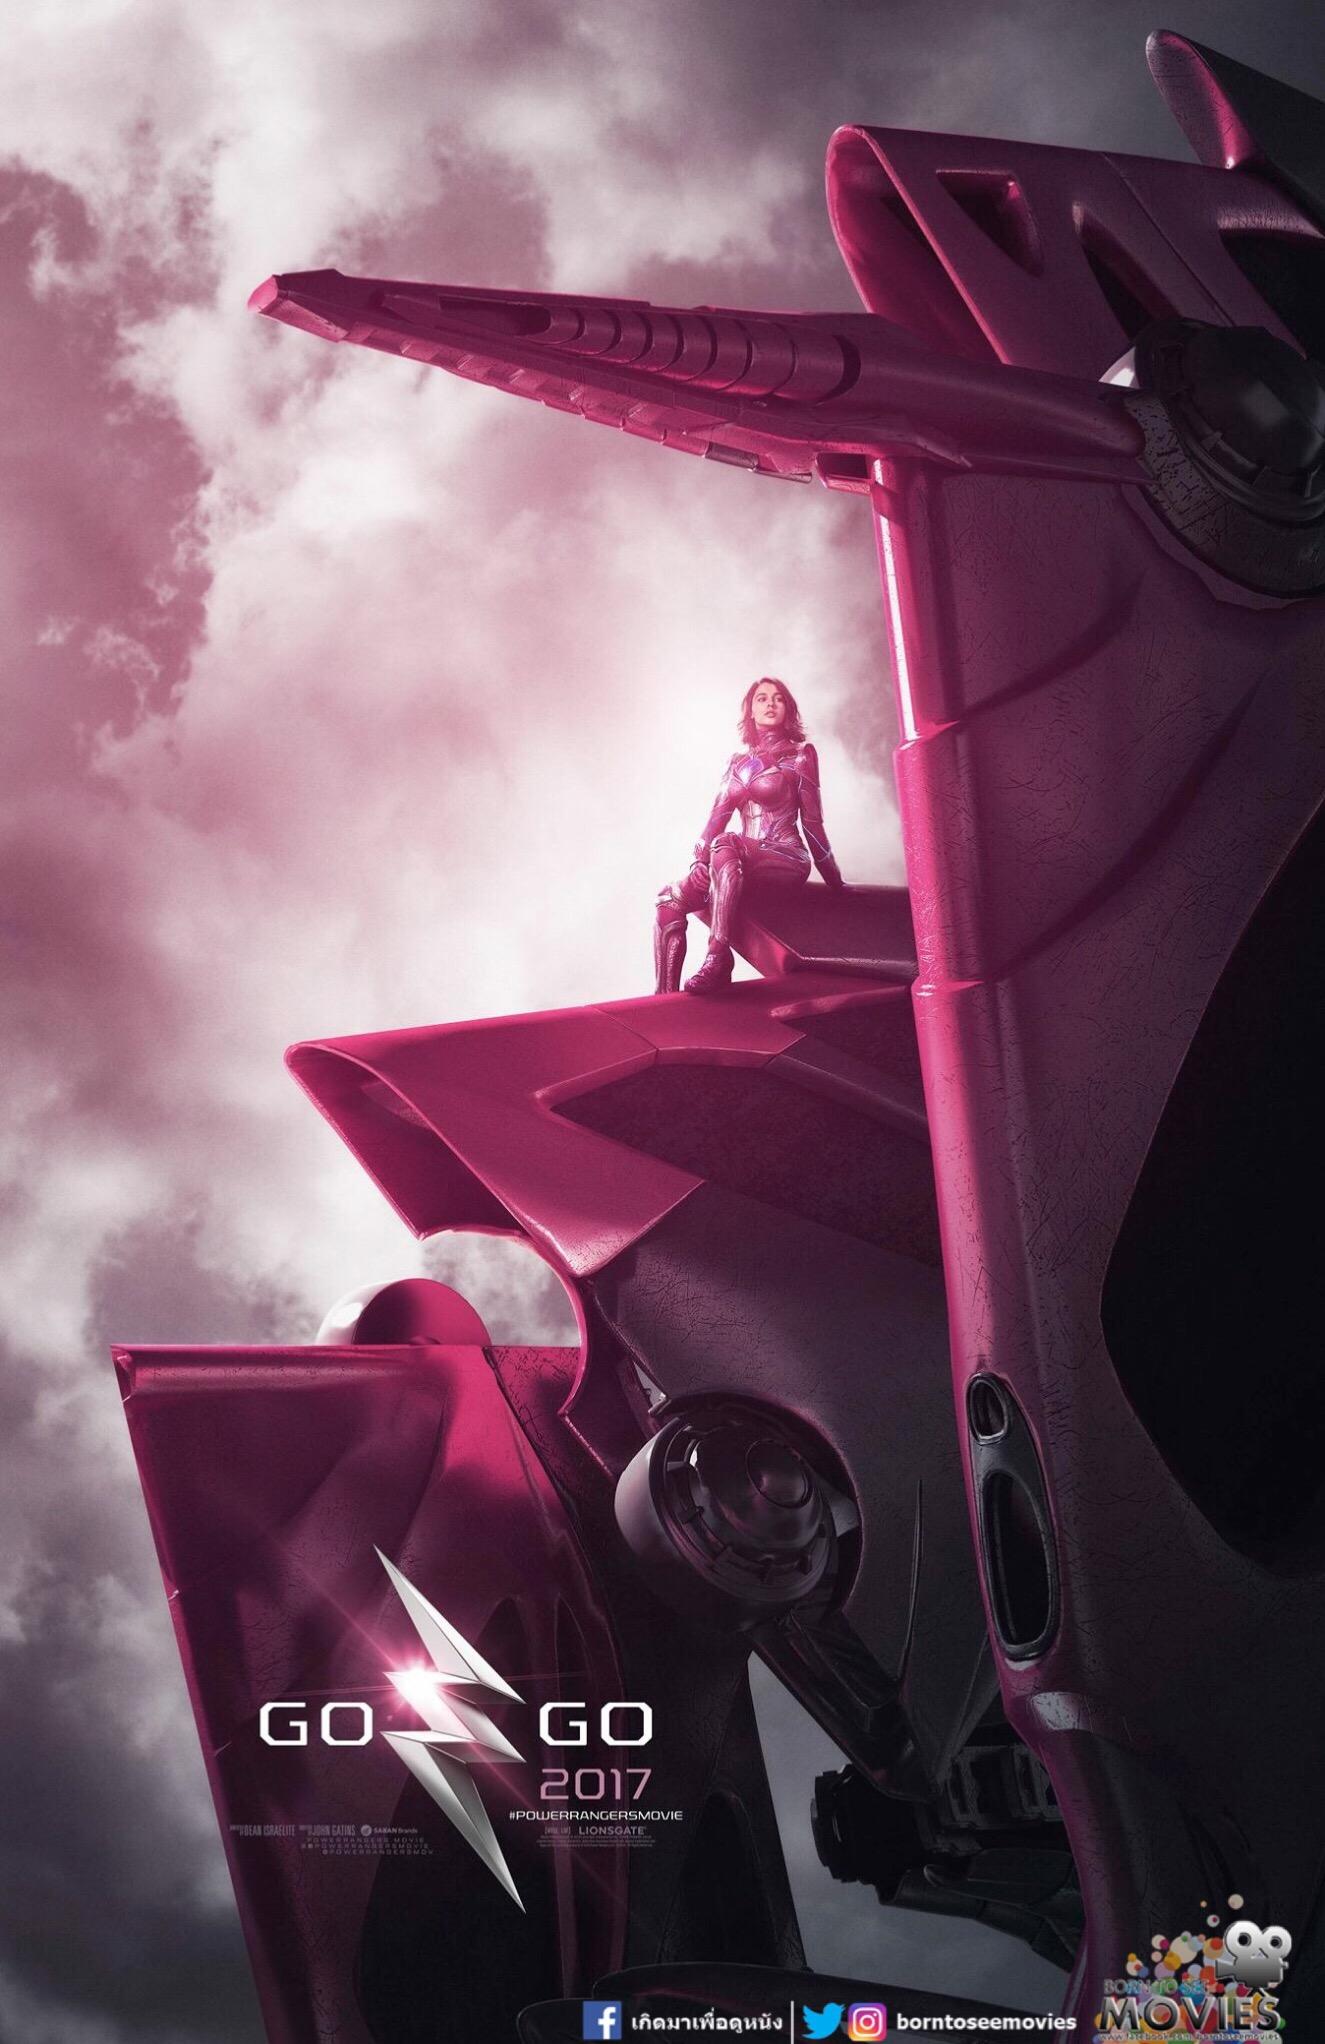 เผยโปสเตอร์ใหม่ของ Power Ranger